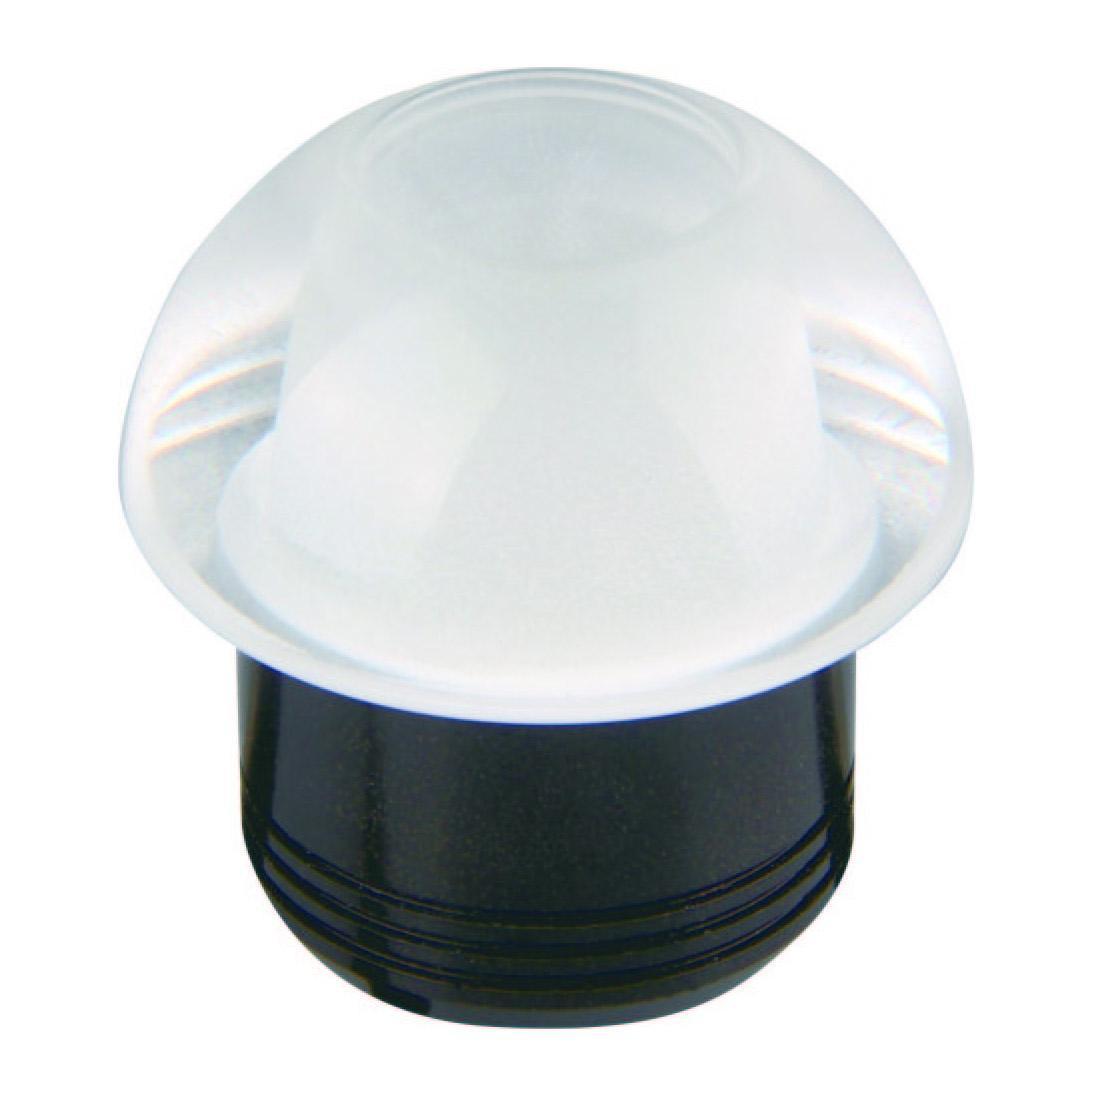 Встраиваемый светодиодный светильник Horoz Lisa 016-031-0003 встраиваемый светодиодный светильник horoz lisa 016 031 0003